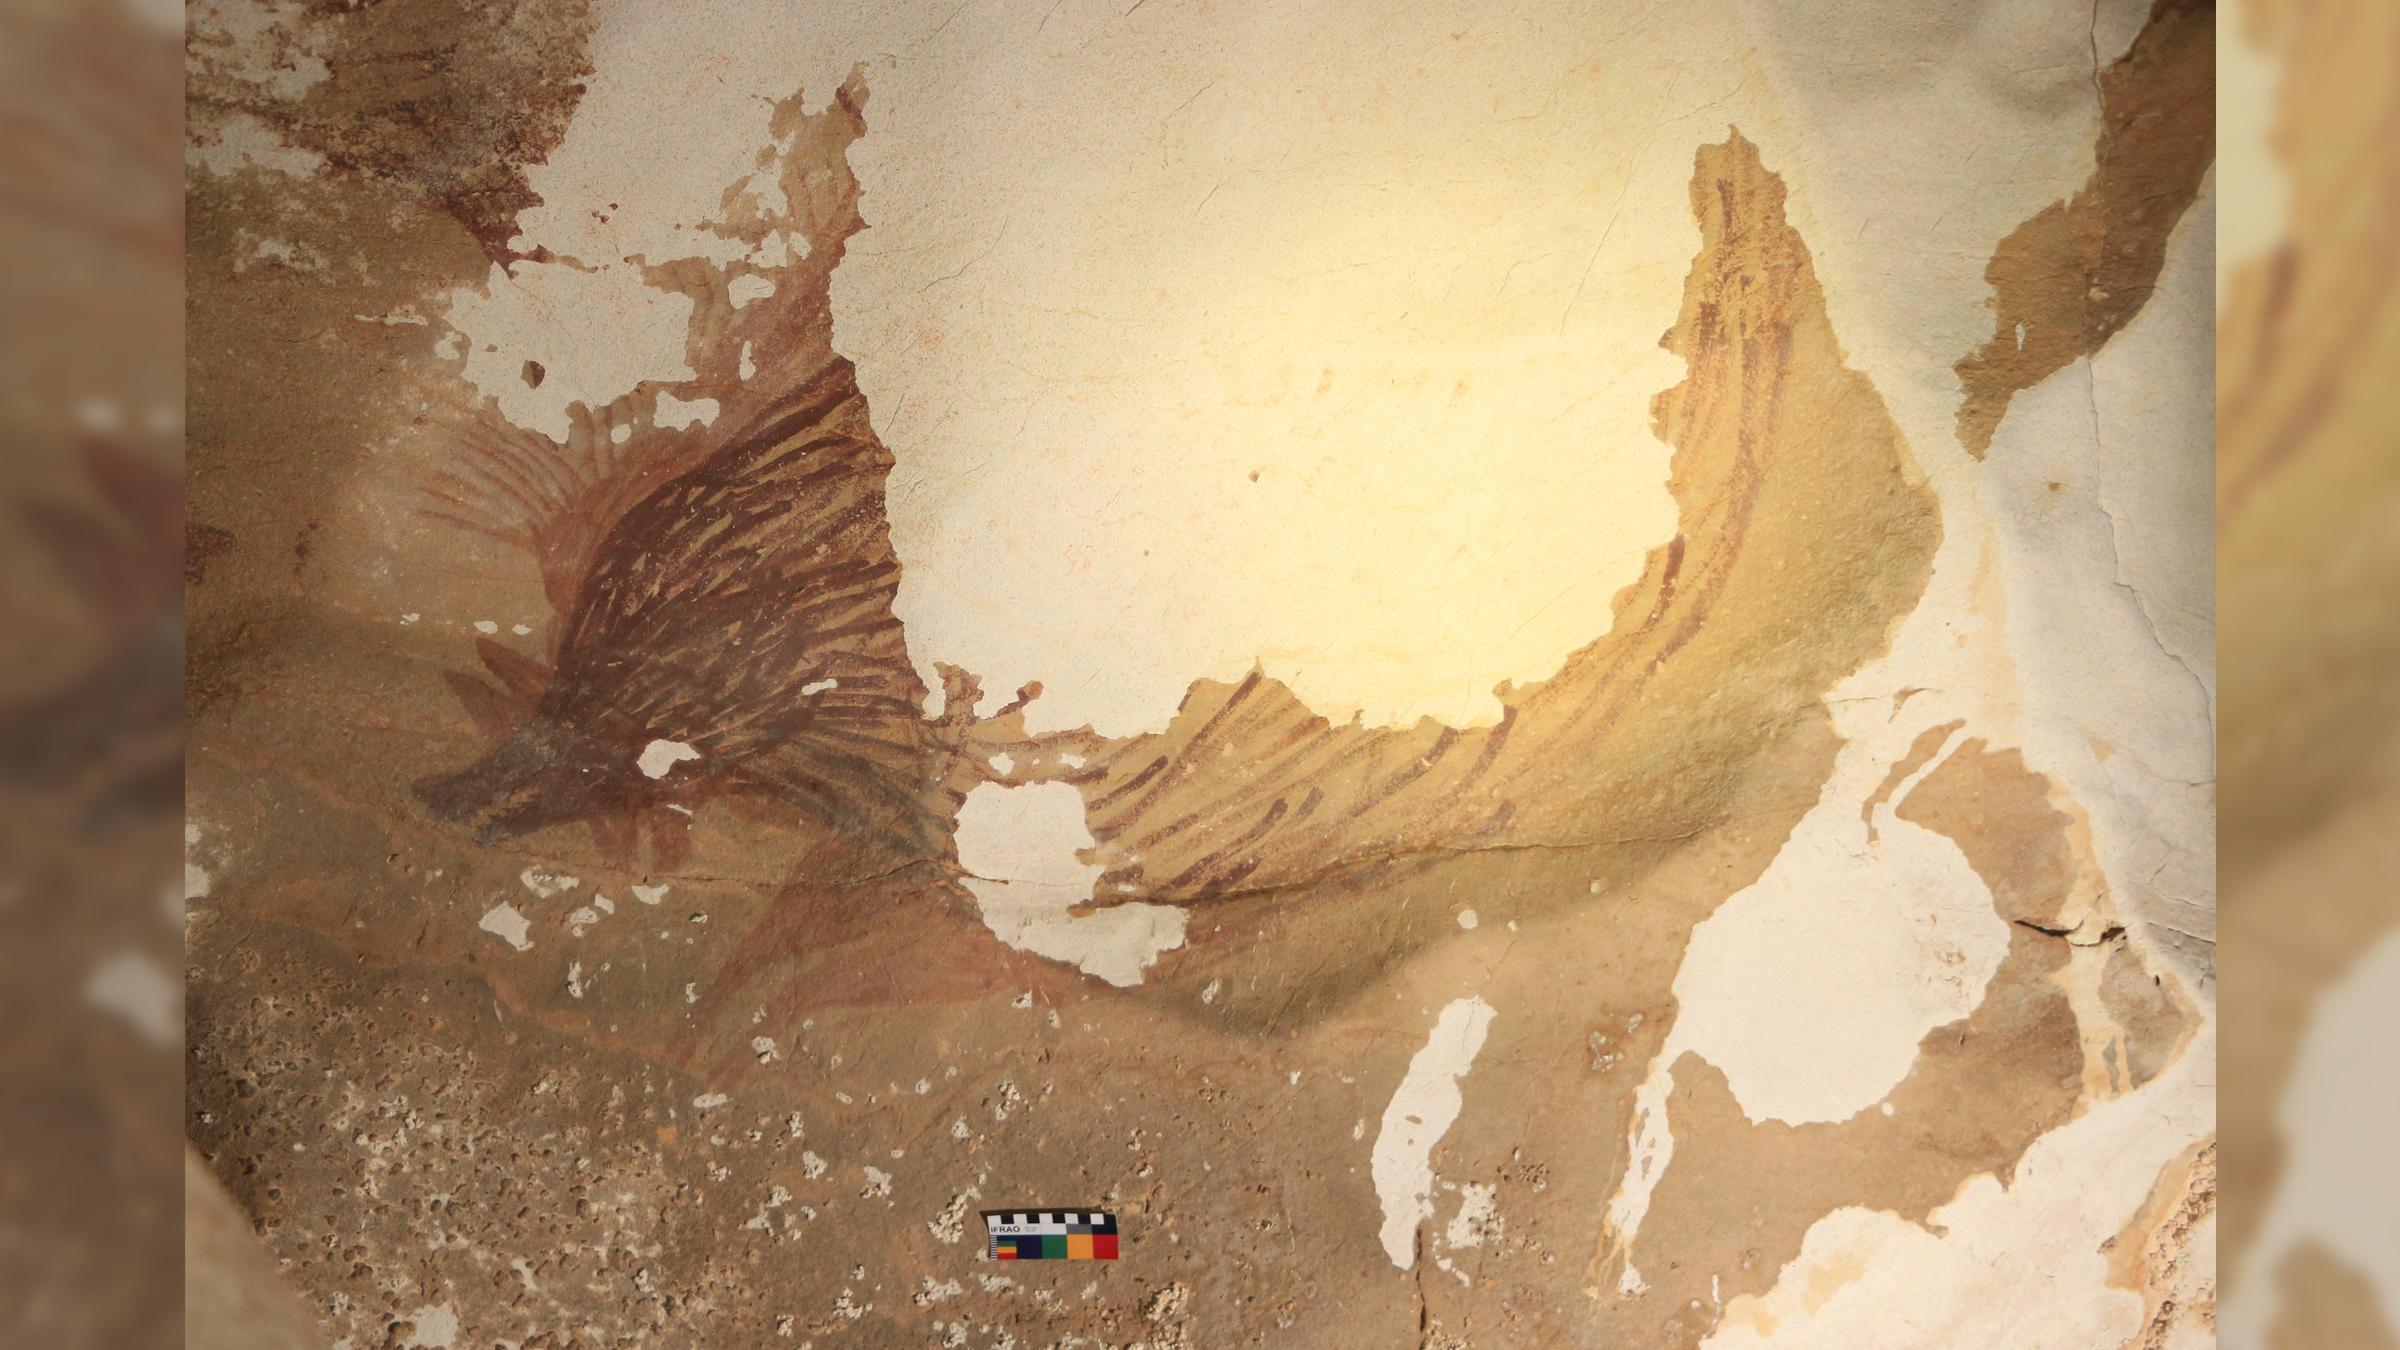 Un autre cochon verruqueux à la grotte Leang Tedongnge mesurant 4,5 sur 2,3 pieds (138 sur 71 cm).